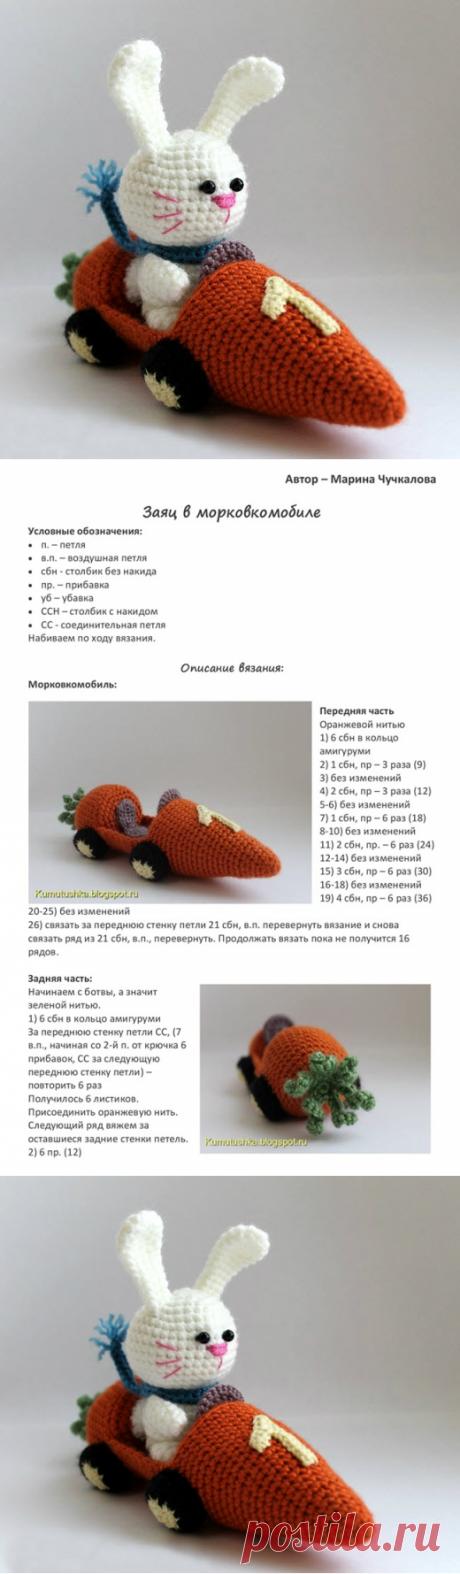 Амигуруми заяц гонщик на морковке